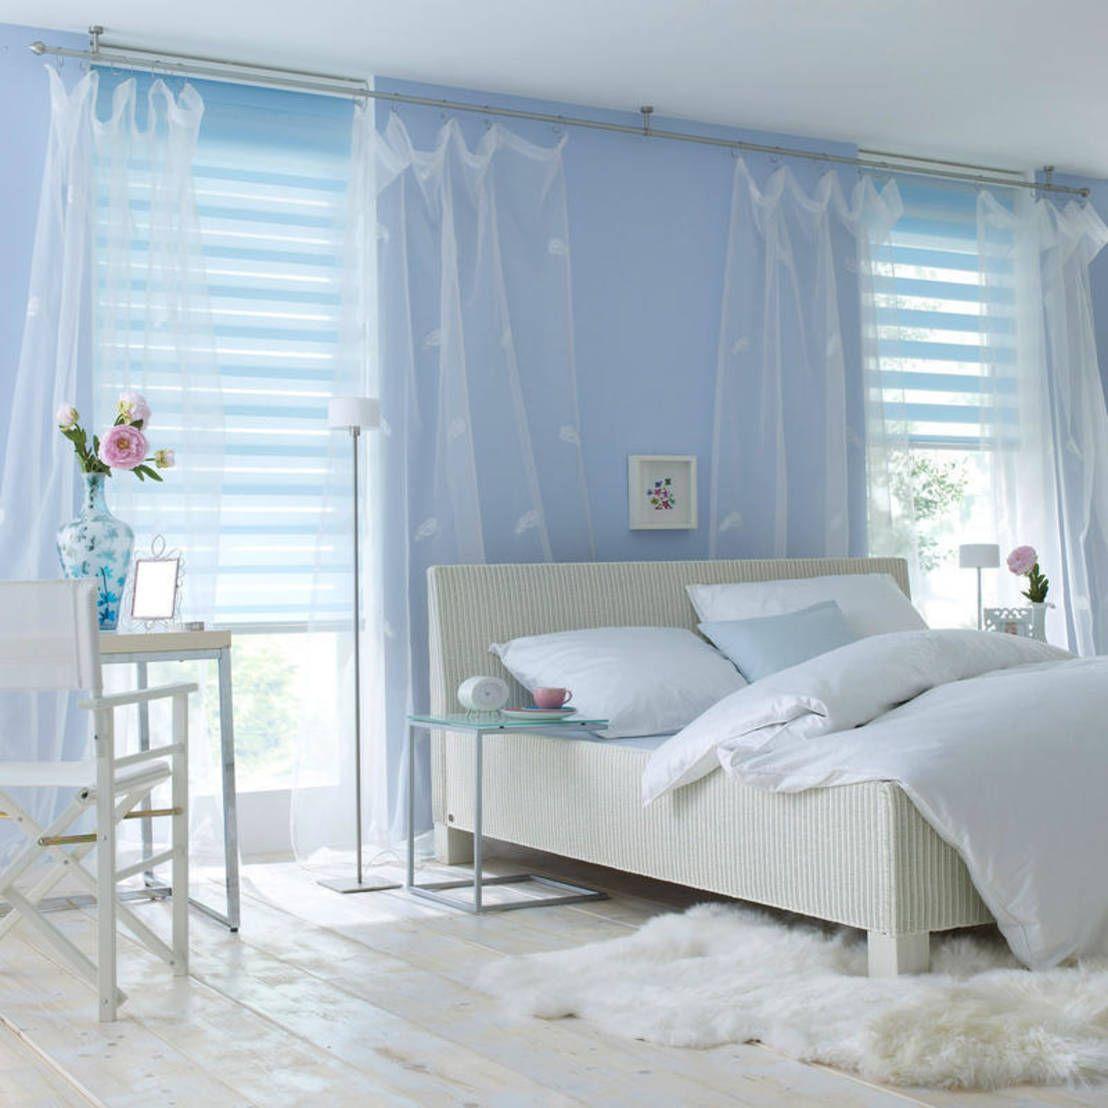 pantone trendfarben 2016: serenity und rose quartz | abs, tags and ... - Landhausstil Schlafzimmer Blau